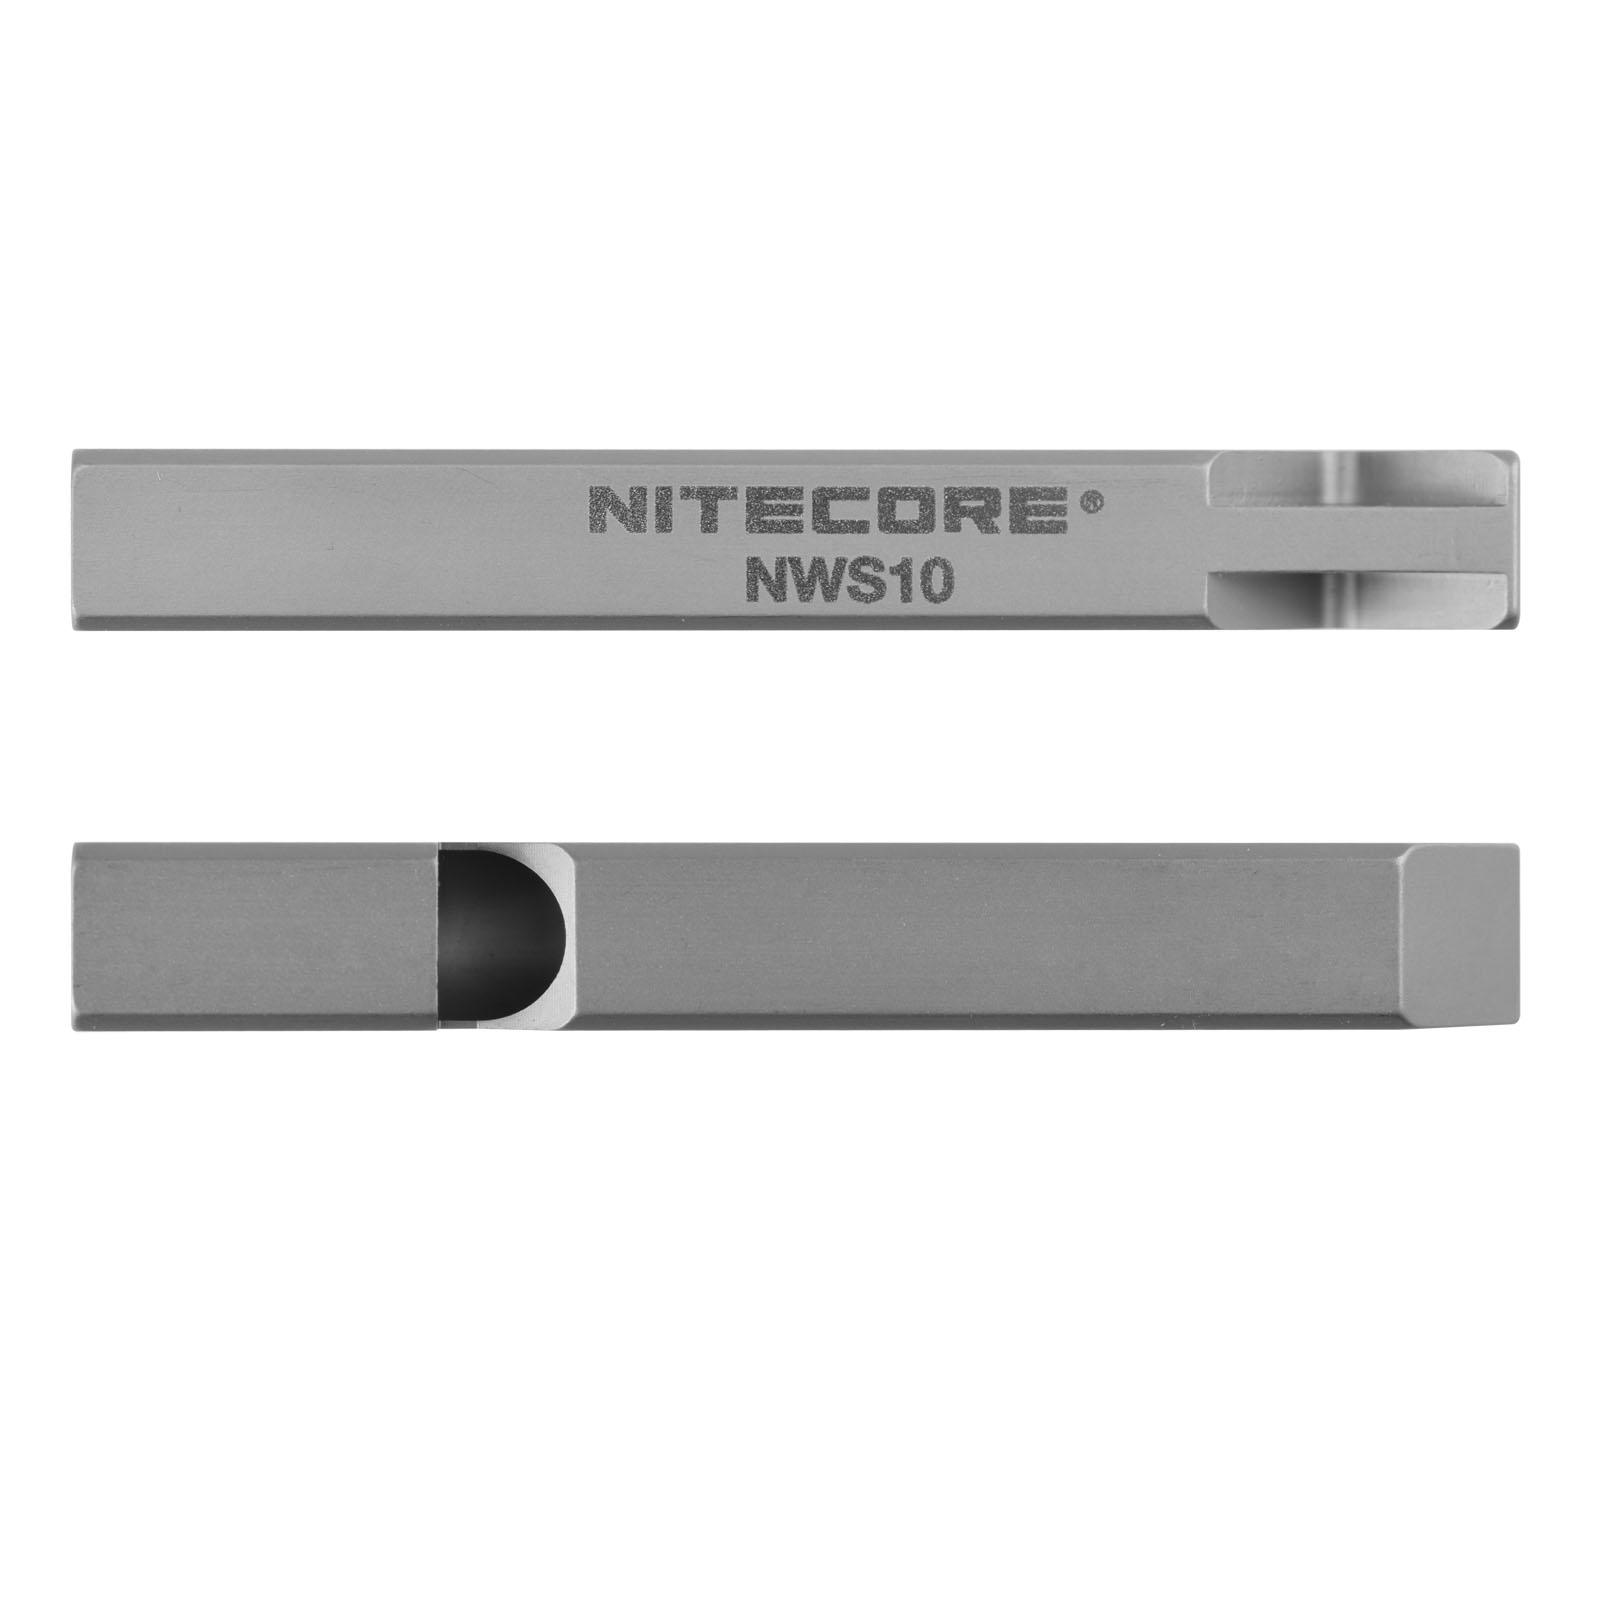 nitecore nws 10